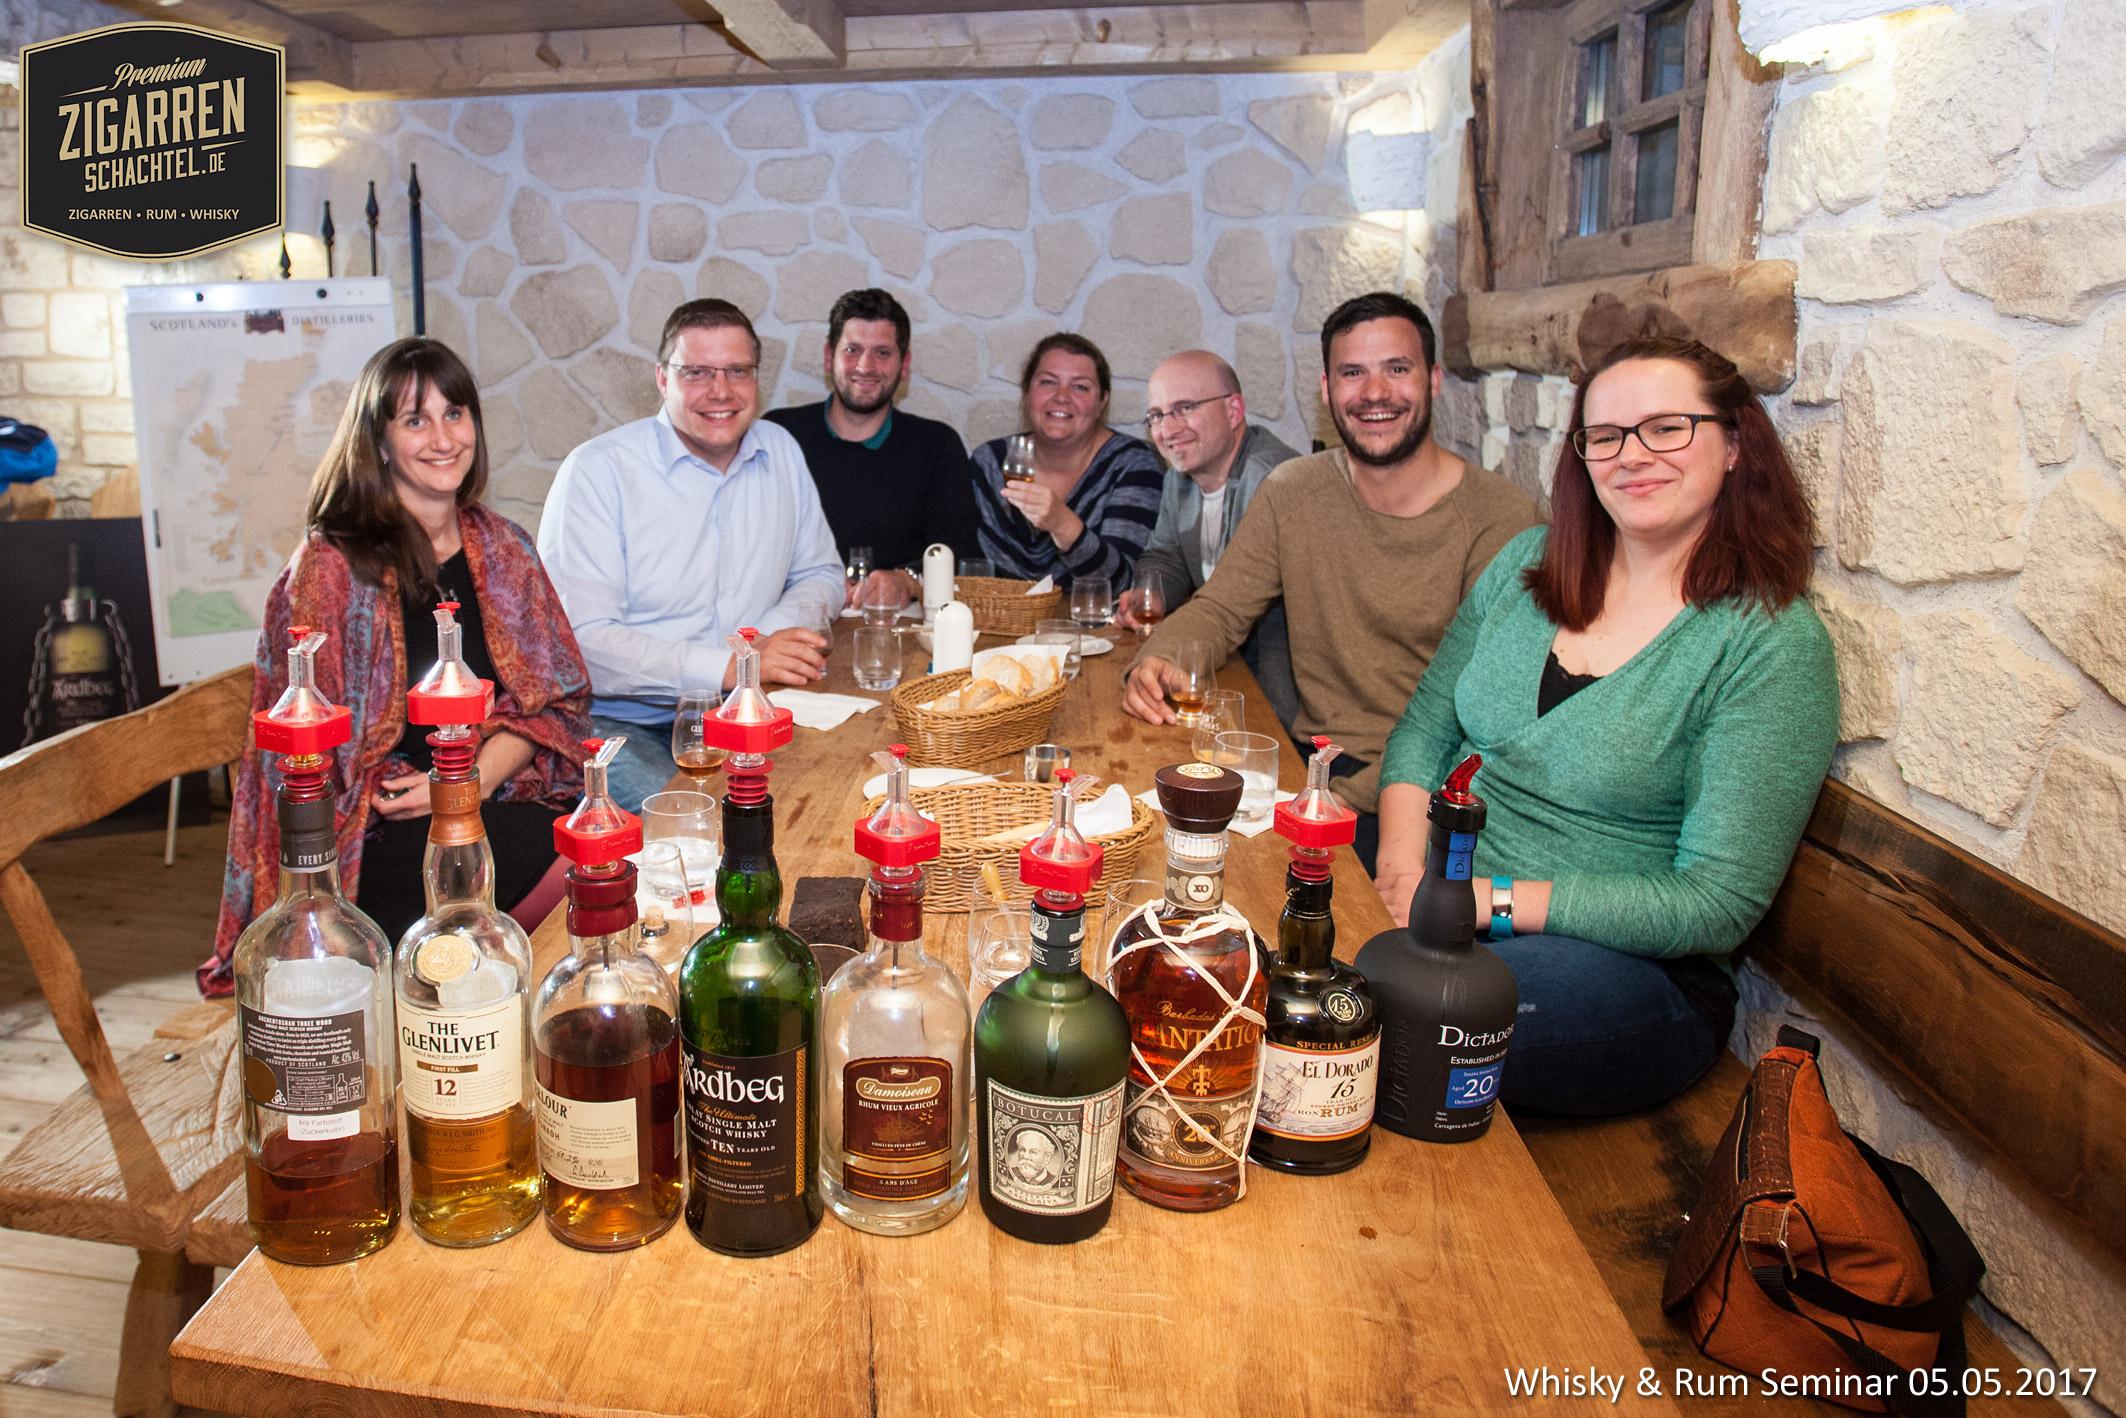 Rum- und Whisky-Seminar am 5. Mai 2017